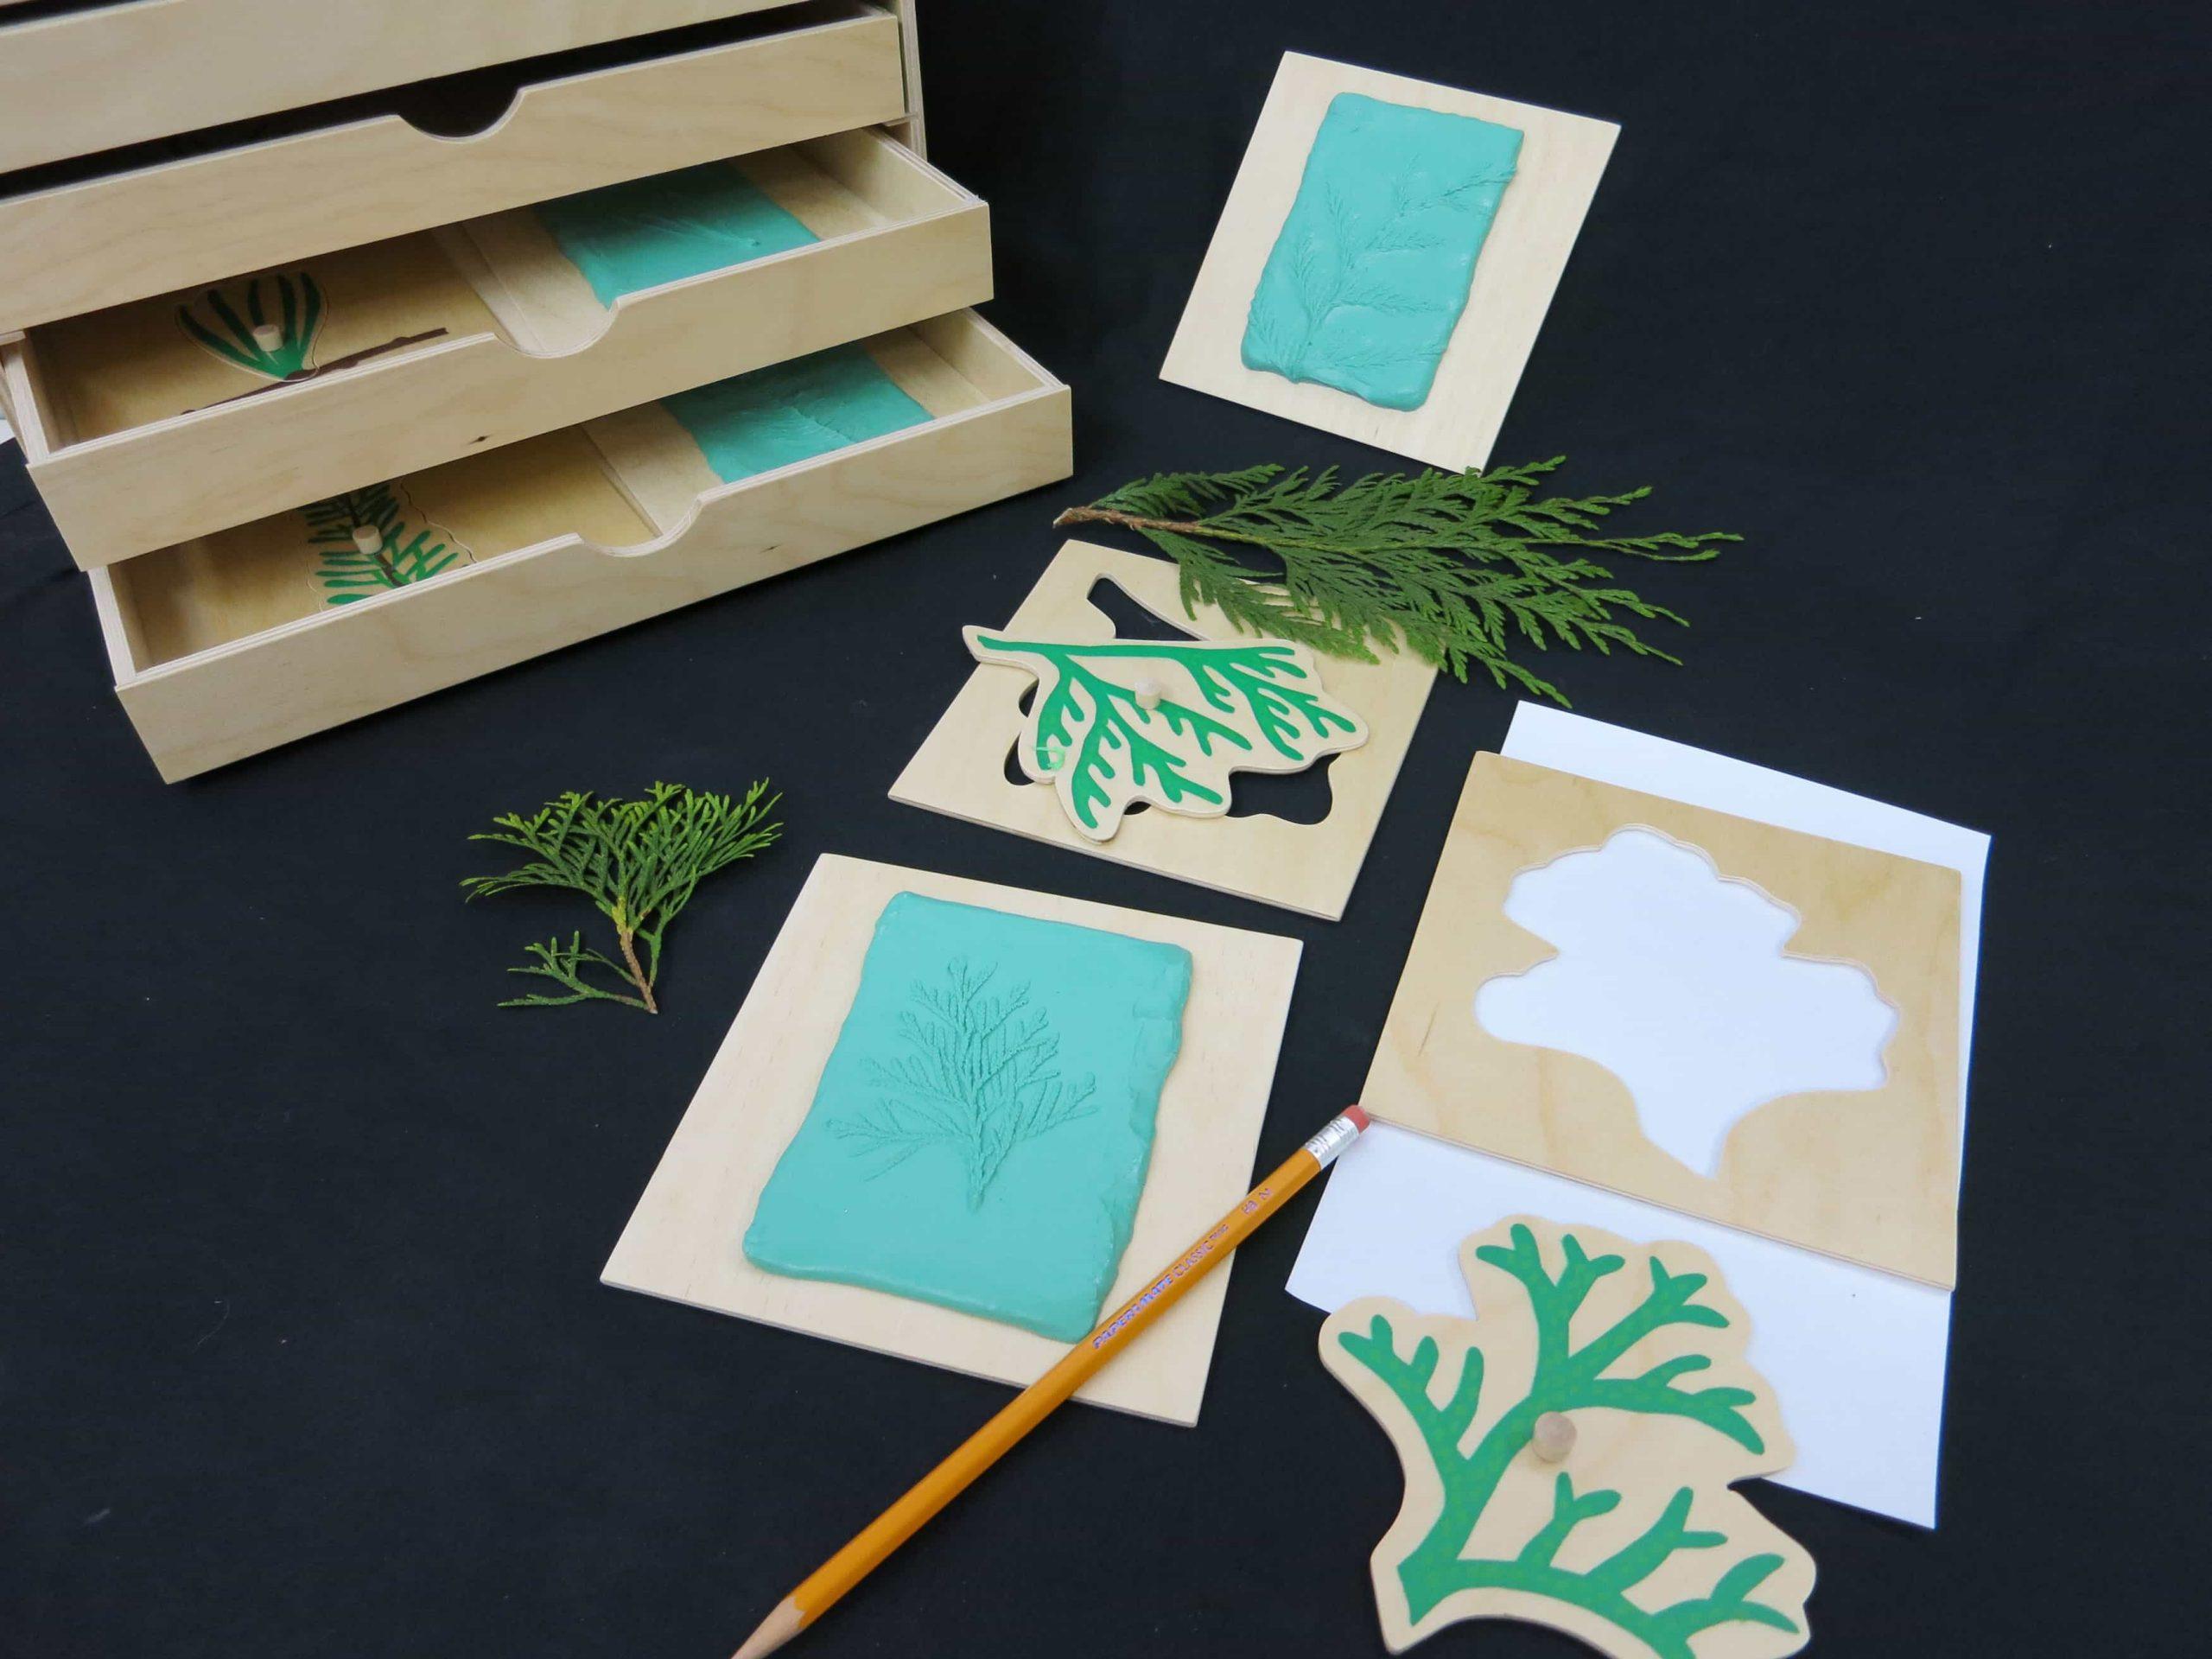 Conifer Cabinet Evergreen Leaf Shapes